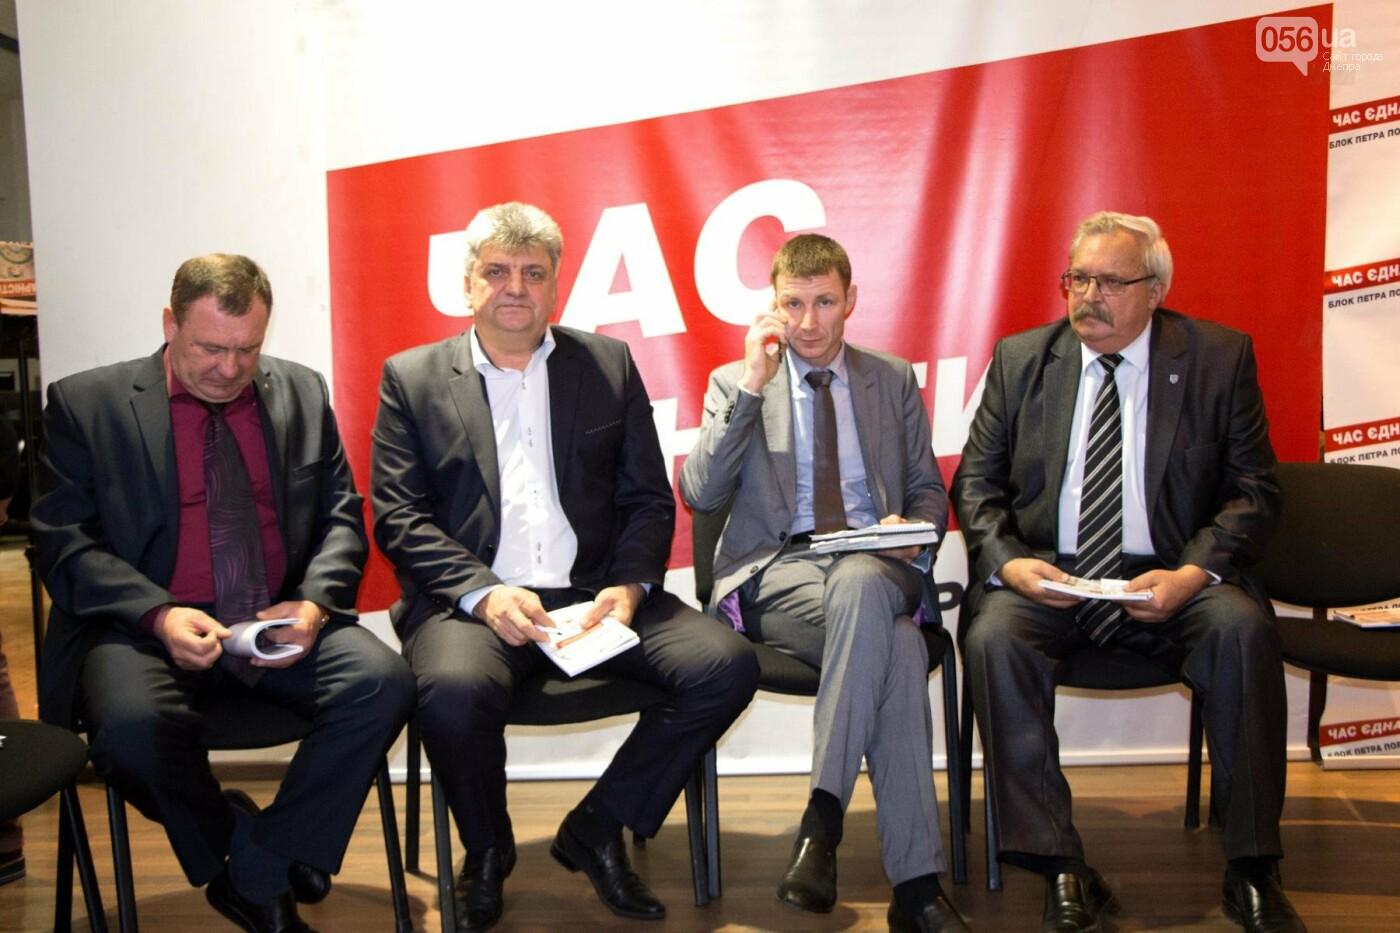 Глеб Пригунов: 18 победителей на должности председателей ОТГ от партии «Солидарность» - это говорит о доверии к реформе децентрализации!, фото-3